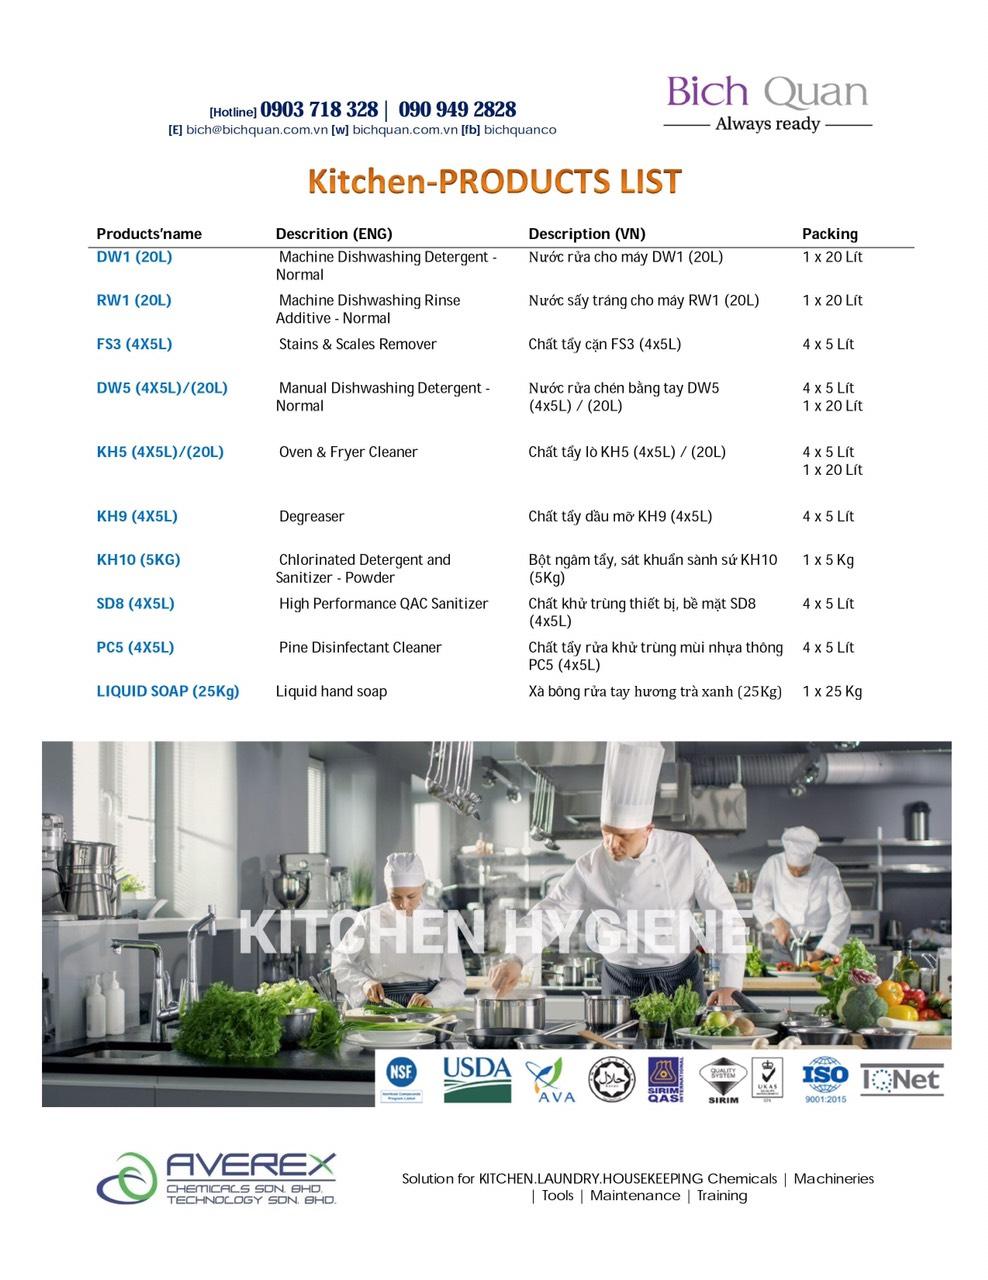 KITCHEN Chemicals-Hóa chất cho máy rửa chén bát & tẩy rửa dụng cụ bếp, vệ sinh khu vực nhà bếp